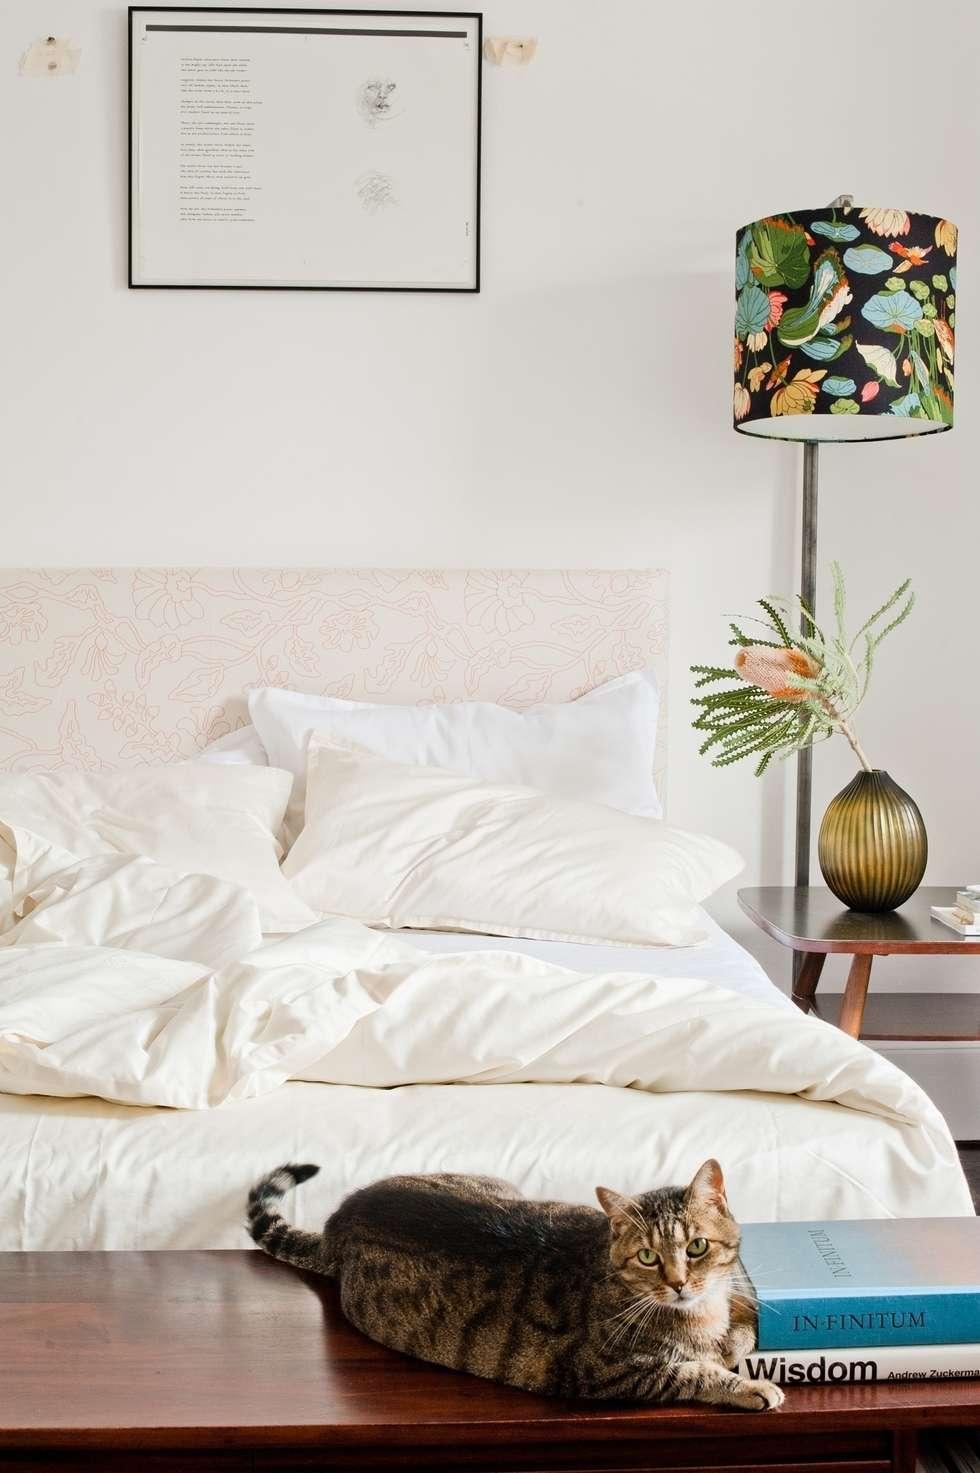 LUXURY EIGHT BETTWÄSCHE: Moderne Schlafzimmer Von 8 The Luxury Bed Co.